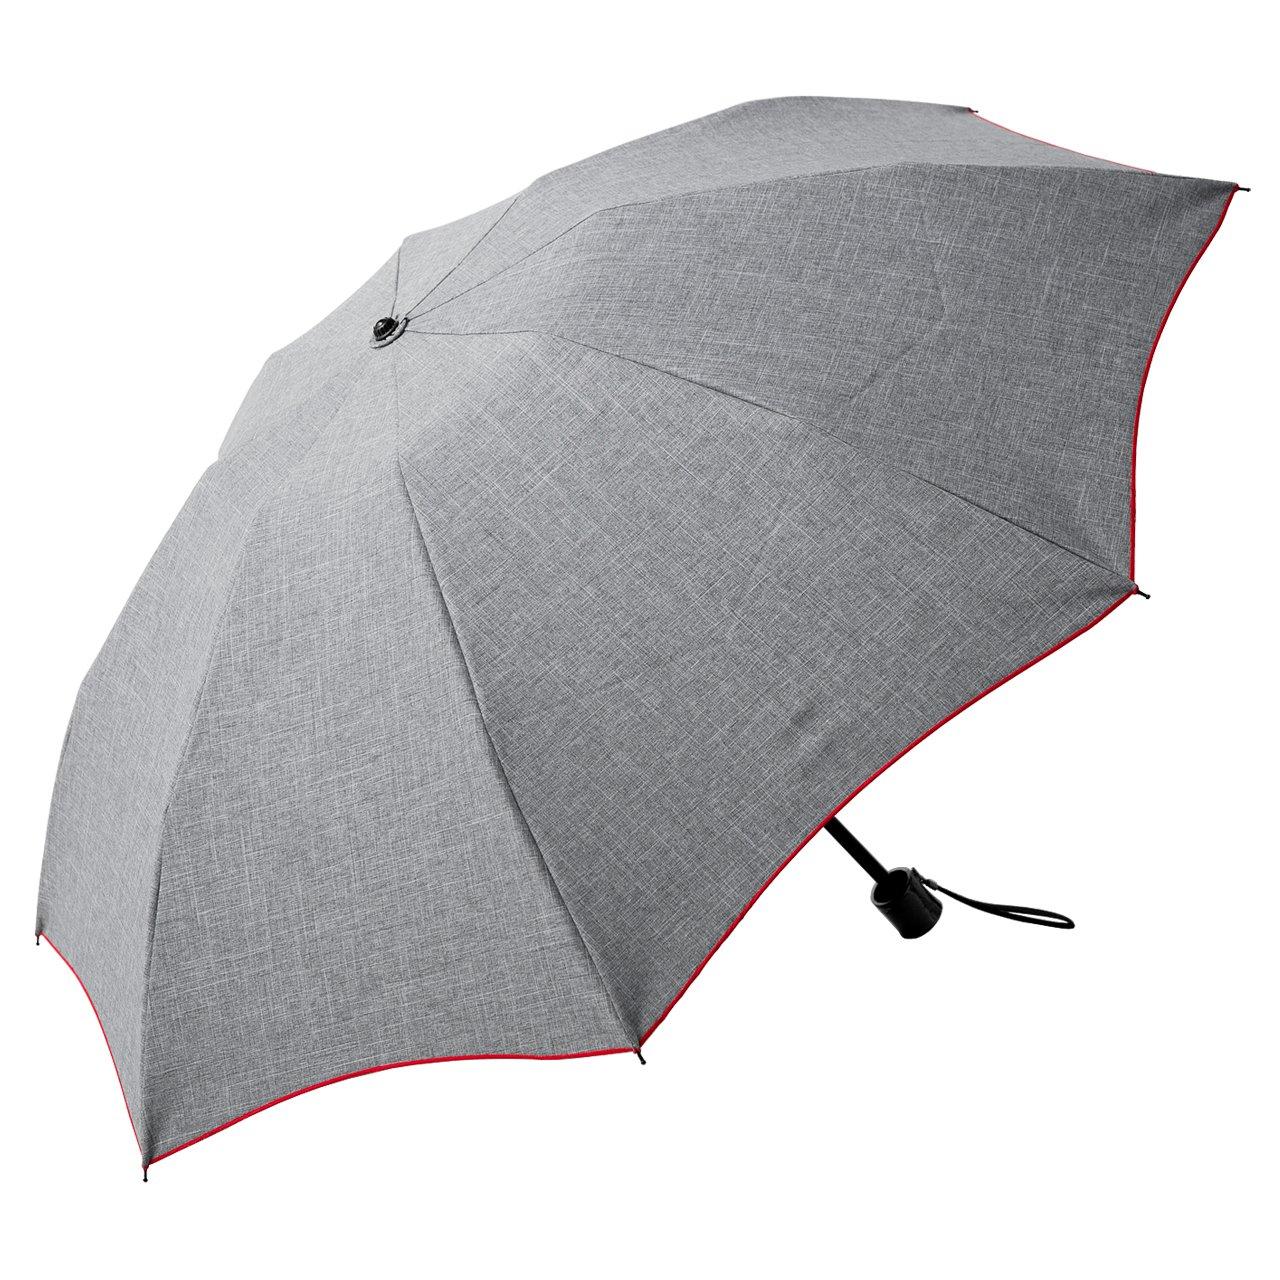 【Rose Blanc】100%完全遮光 日傘 晴雨兼用 プレーン 3段折りたたみ ダンガリー(傘袋付) 50cm (ダンガリーグレー×レッドステッチ) B06XST5FLMダンガリーグレー×レッドステッチ